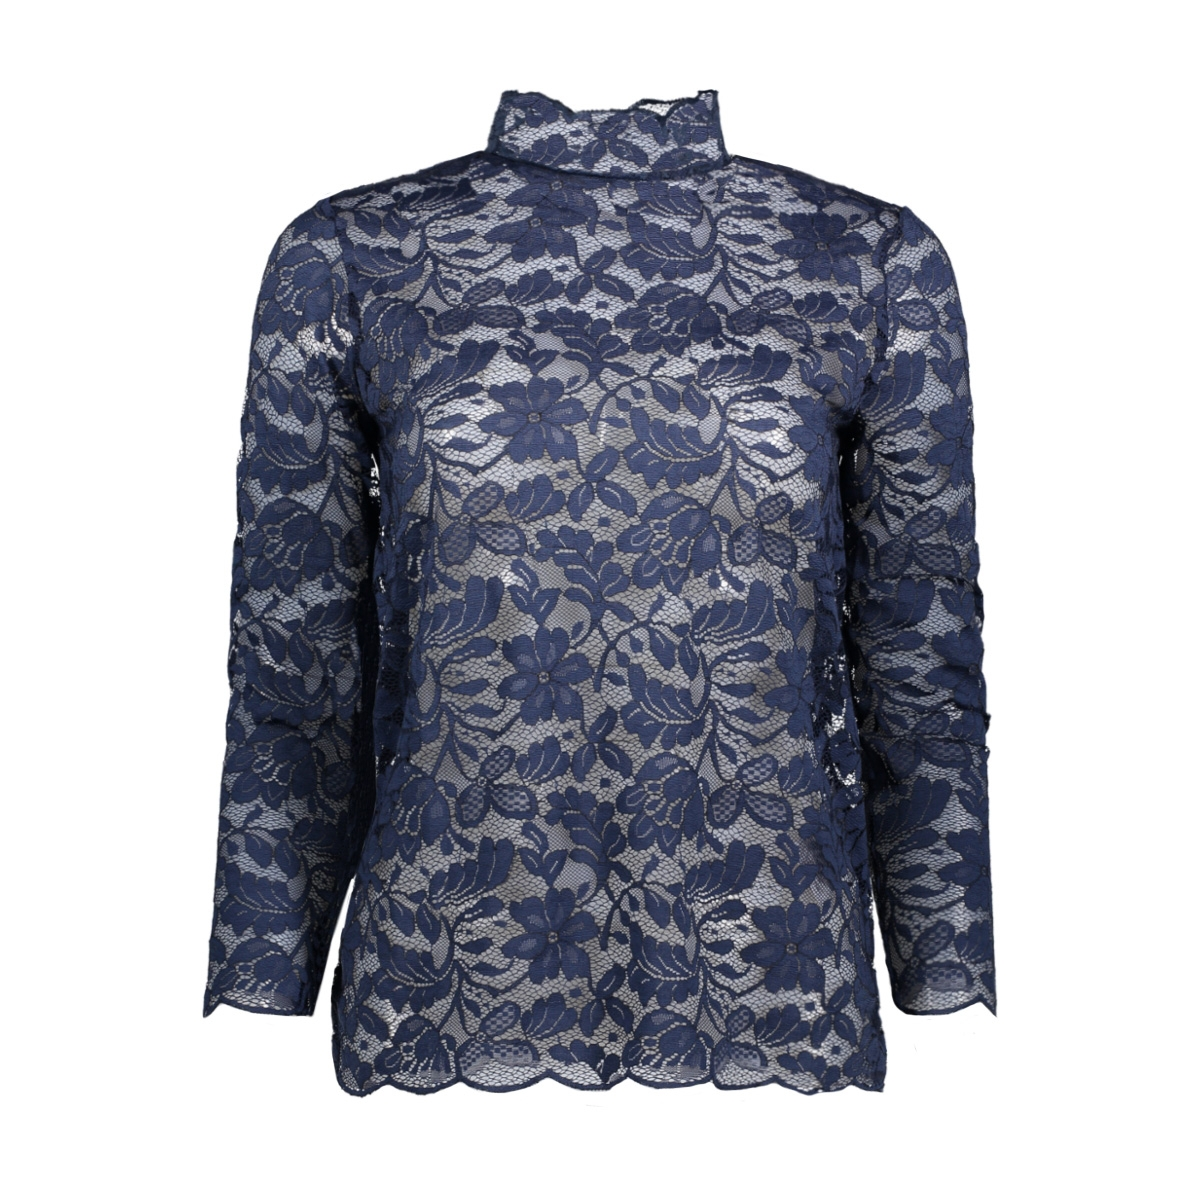 jdygoldie l/s highneck top jrs ka 15141725 jacqueline de yong t-shirt dress blues